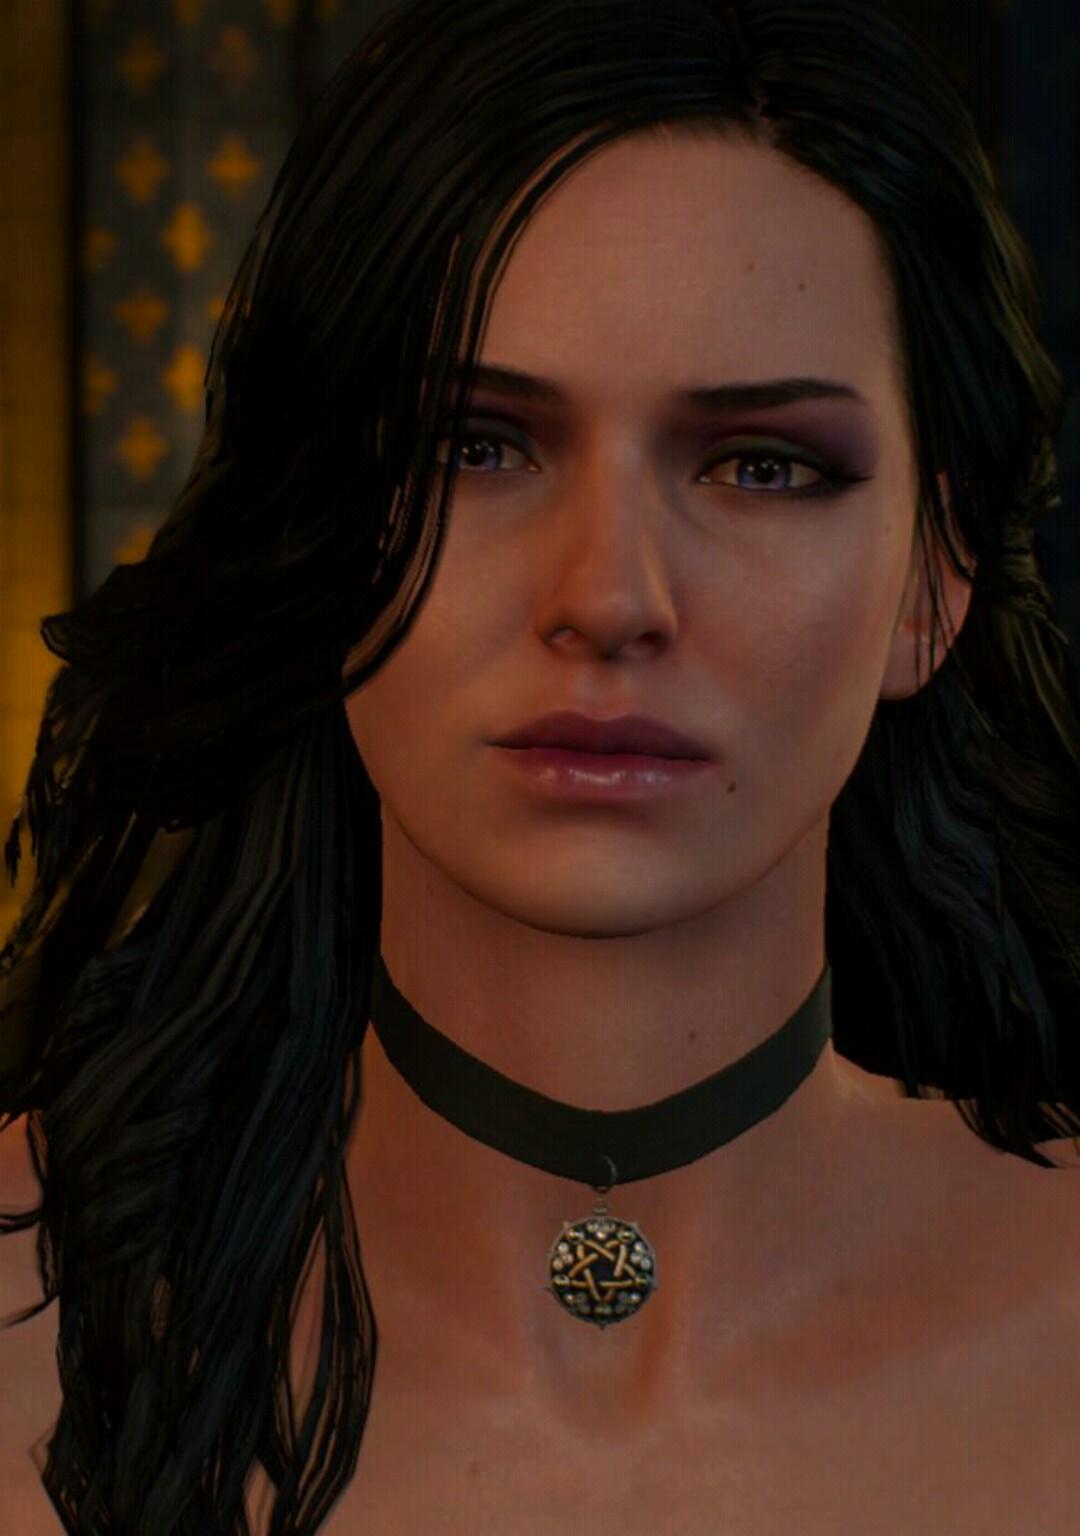 É a personagem mais linda de todos os games?